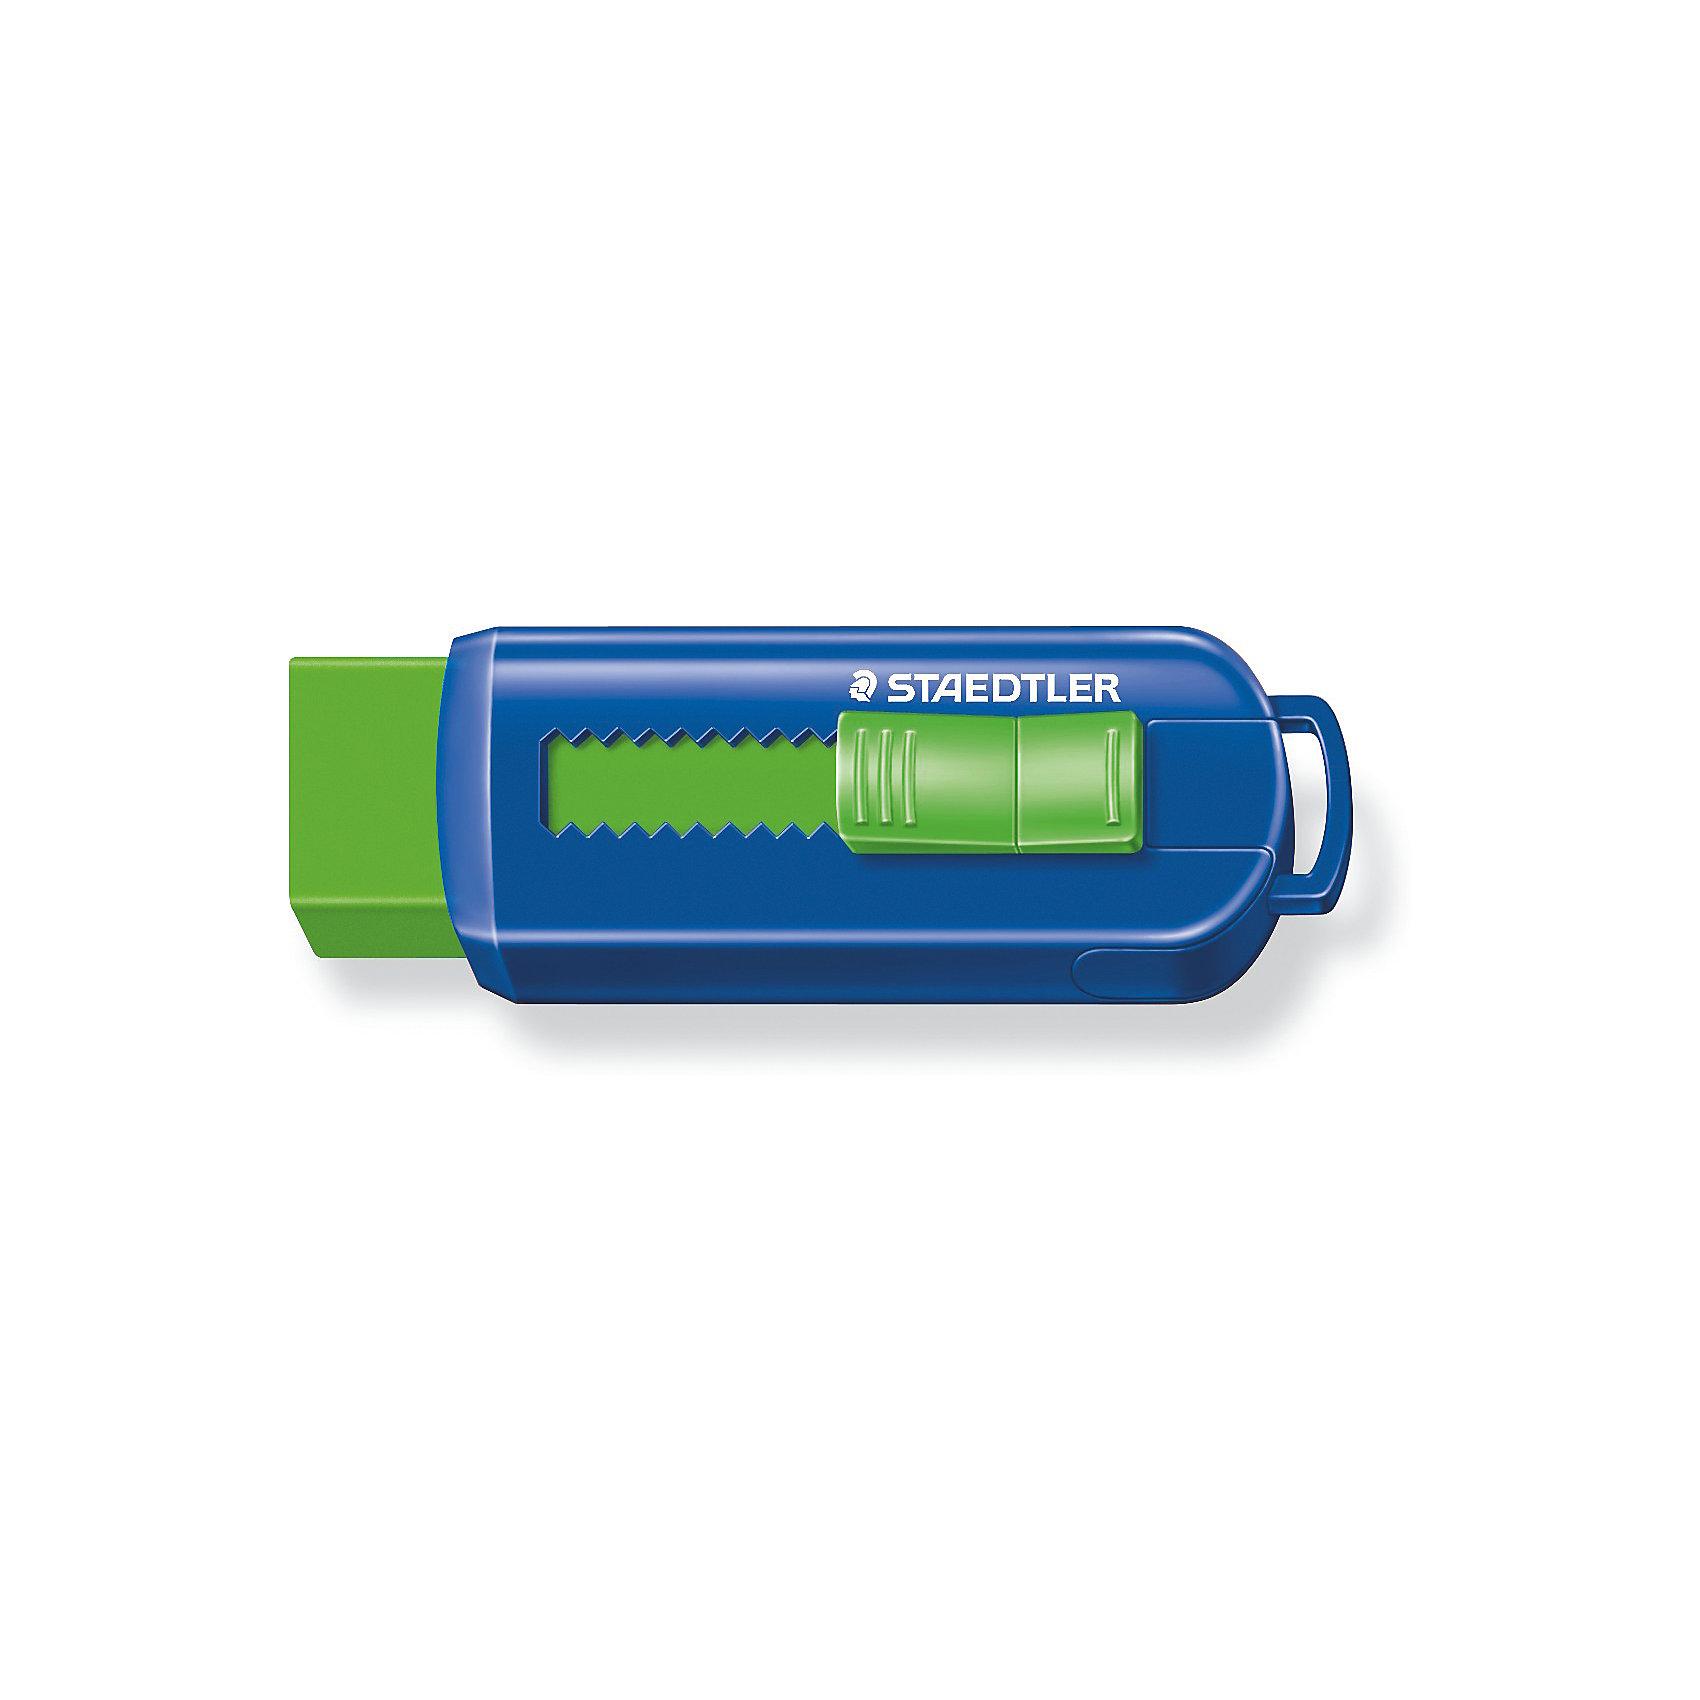 Ластик 525 PS, Staedtler, цвет в ассортиментеЧертежные принадлежности<br>Уникальный дизайн ластика 525PS со скользящей пластиковой манжеткой. Не содержит ПВХ, а также фталата и латекса. Минимальное количество крошек. Удобство в использовании благодаря выдвижному механизму.<br><br>Ширина мм: 86<br>Глубина мм: 26<br>Высота мм: 220<br>Вес г: 28<br>Возраст от месяцев: 36<br>Возраст до месяцев: 2147483647<br>Пол: Унисекс<br>Возраст: Детский<br>SKU: 5529981